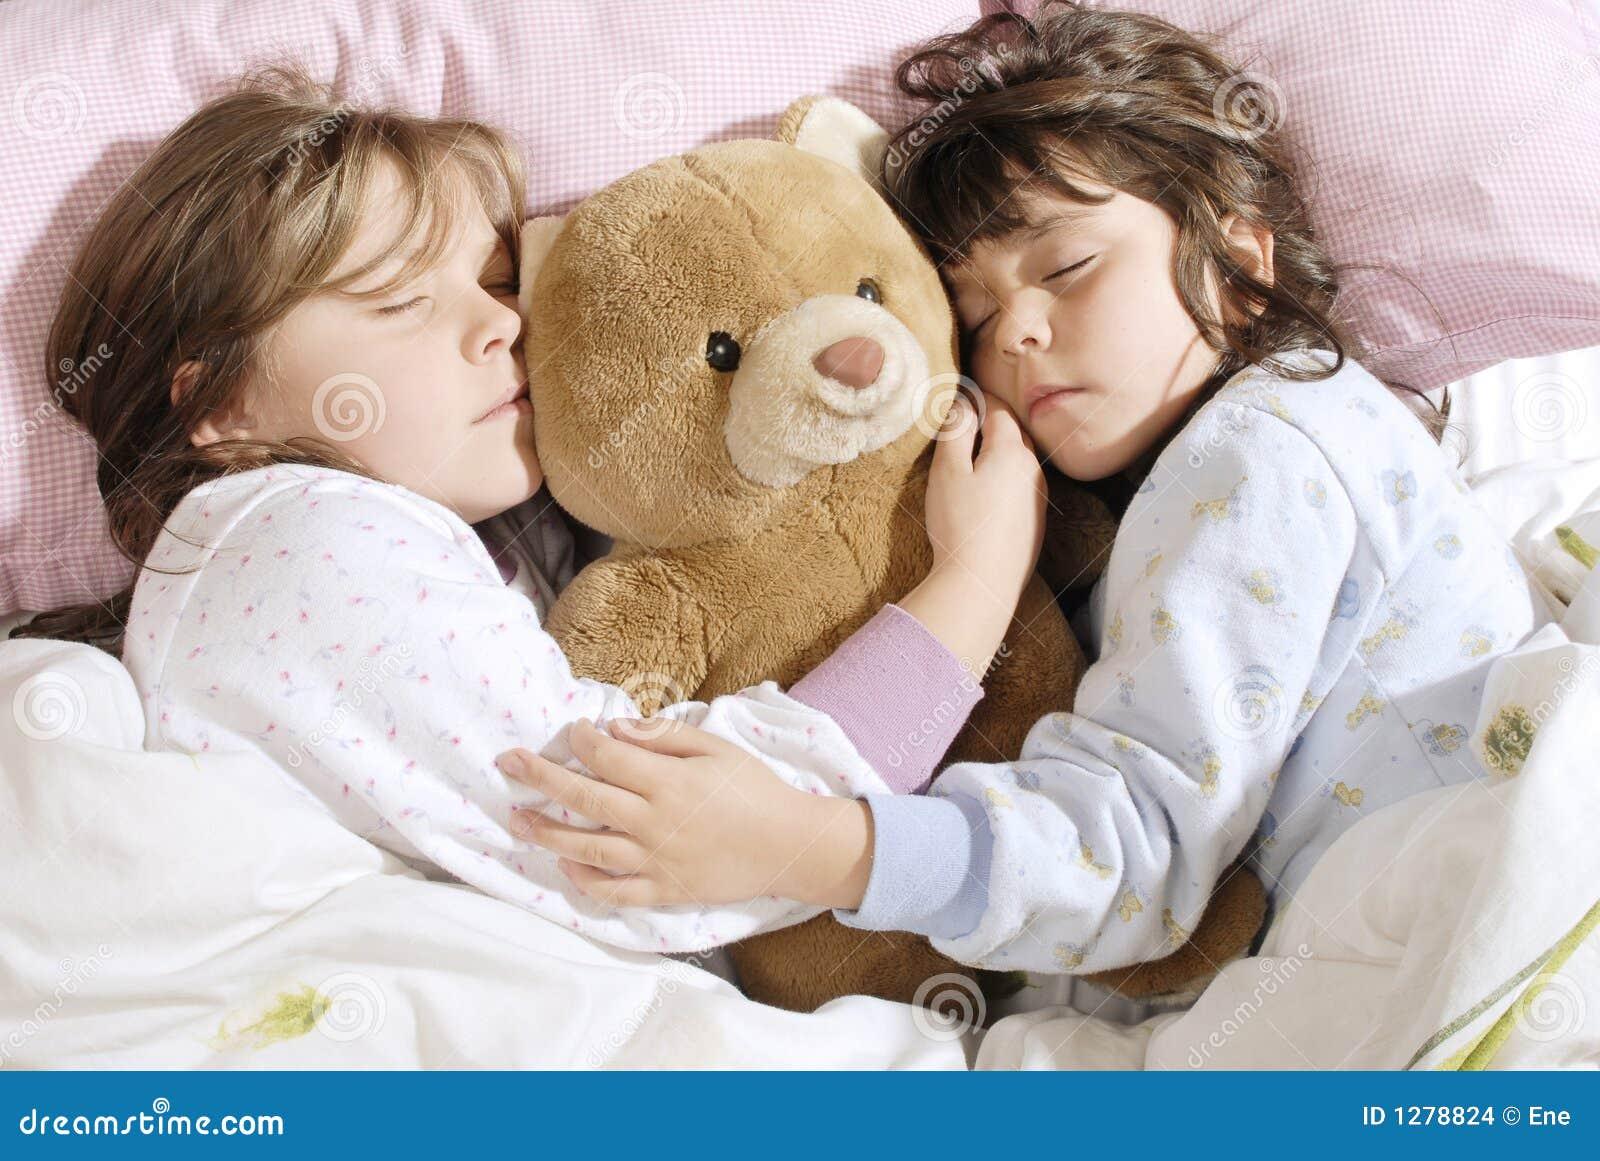 Трахнул красивую сестру пока она спала, У брата и сестры одна комната на двоих - видео ролик 25 фотография